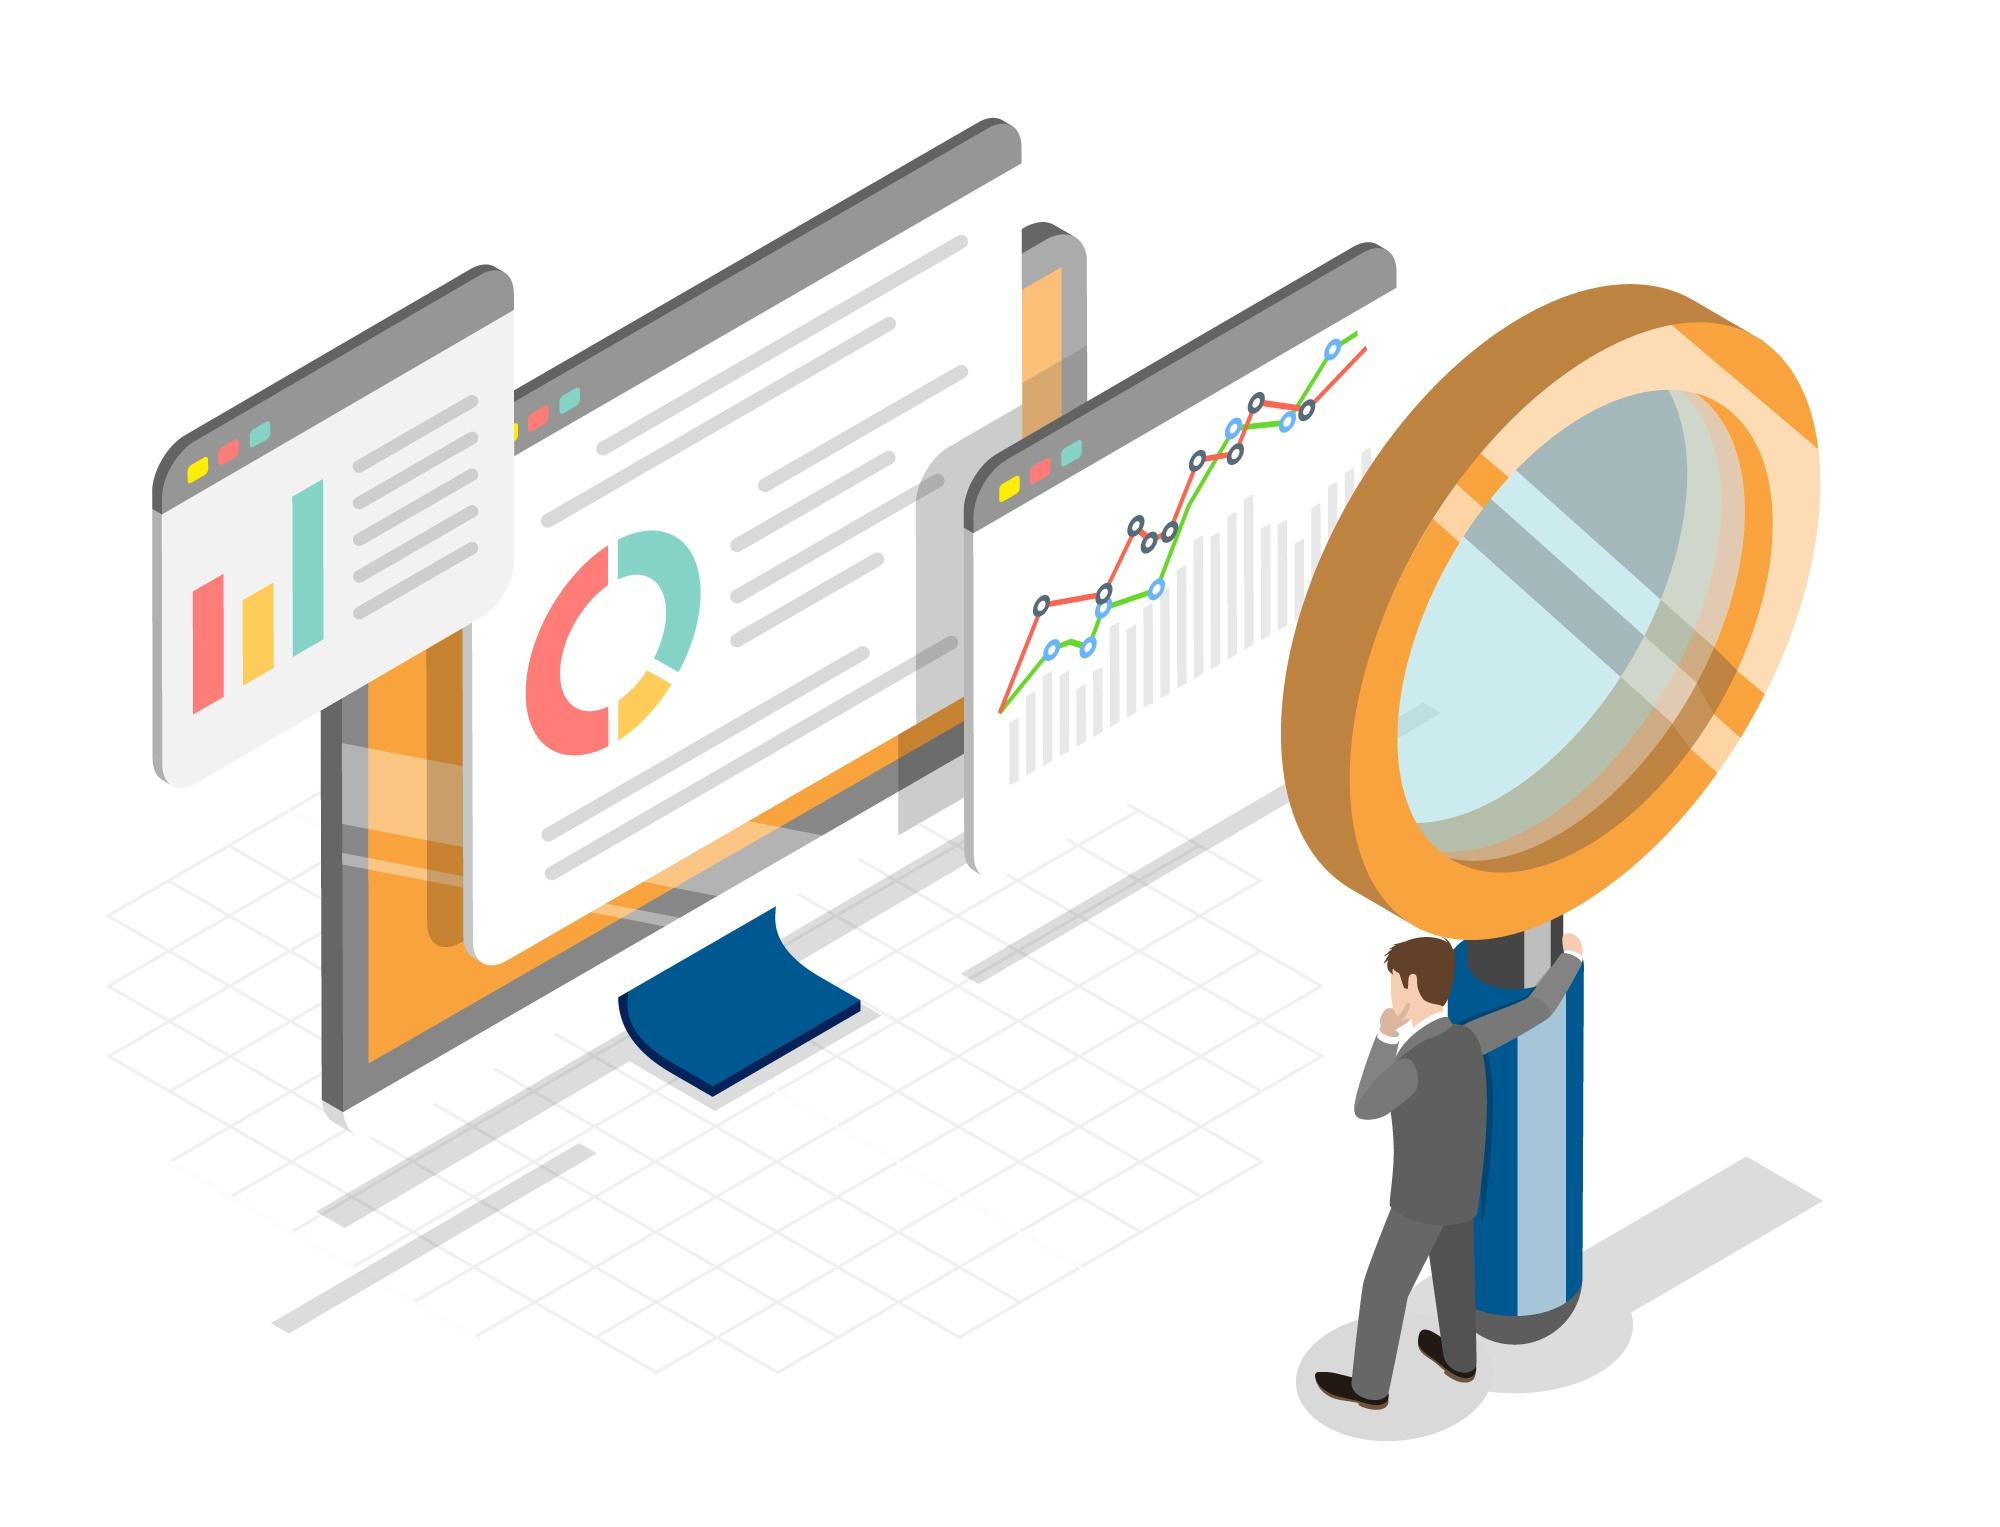 Bureau_Hanze_Website_Analyse